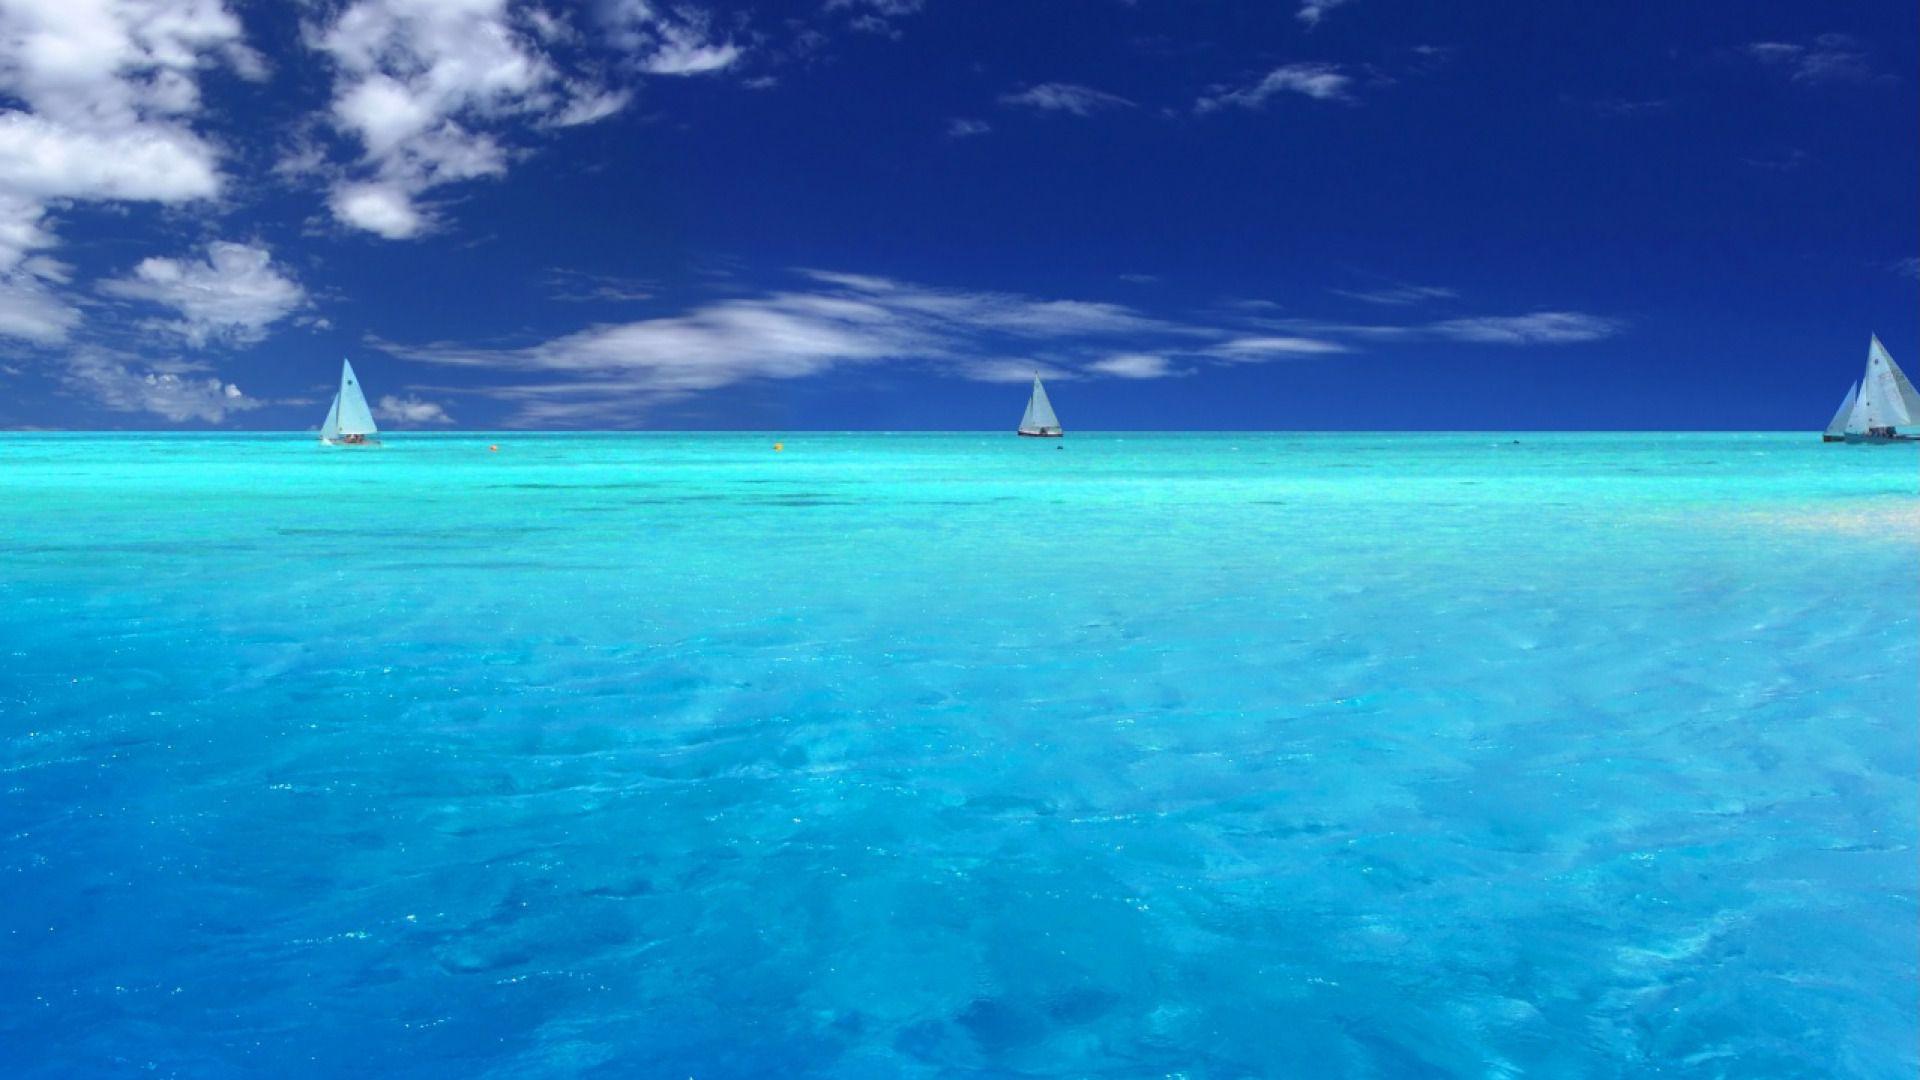 crystal free ocean wallpapers desktopnexus 58d946705f9b584683abf4a6